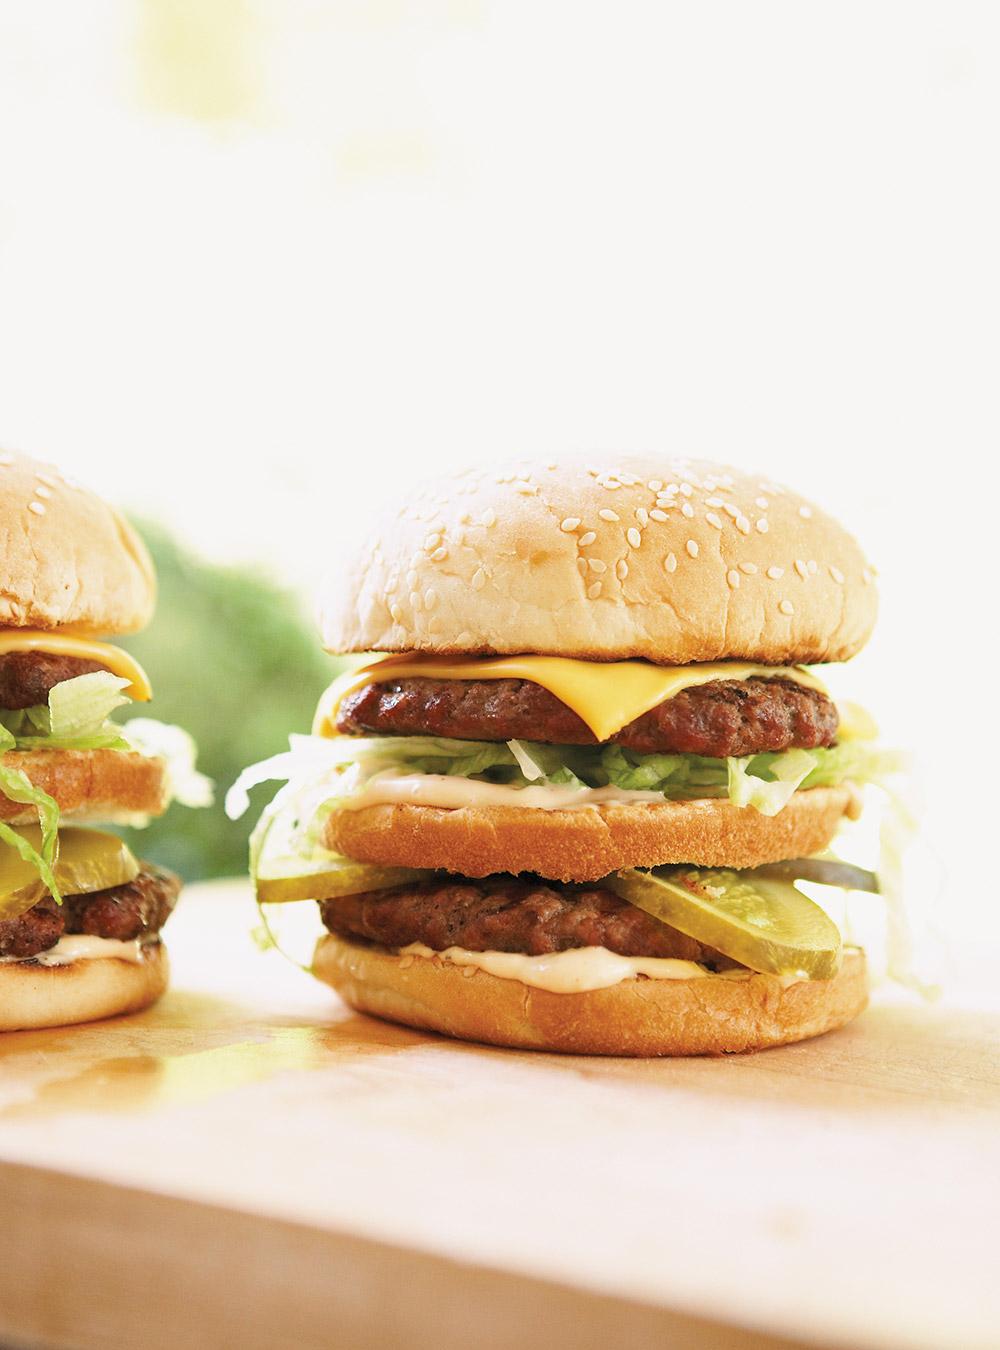 Hamburgers doubles à l'américaine